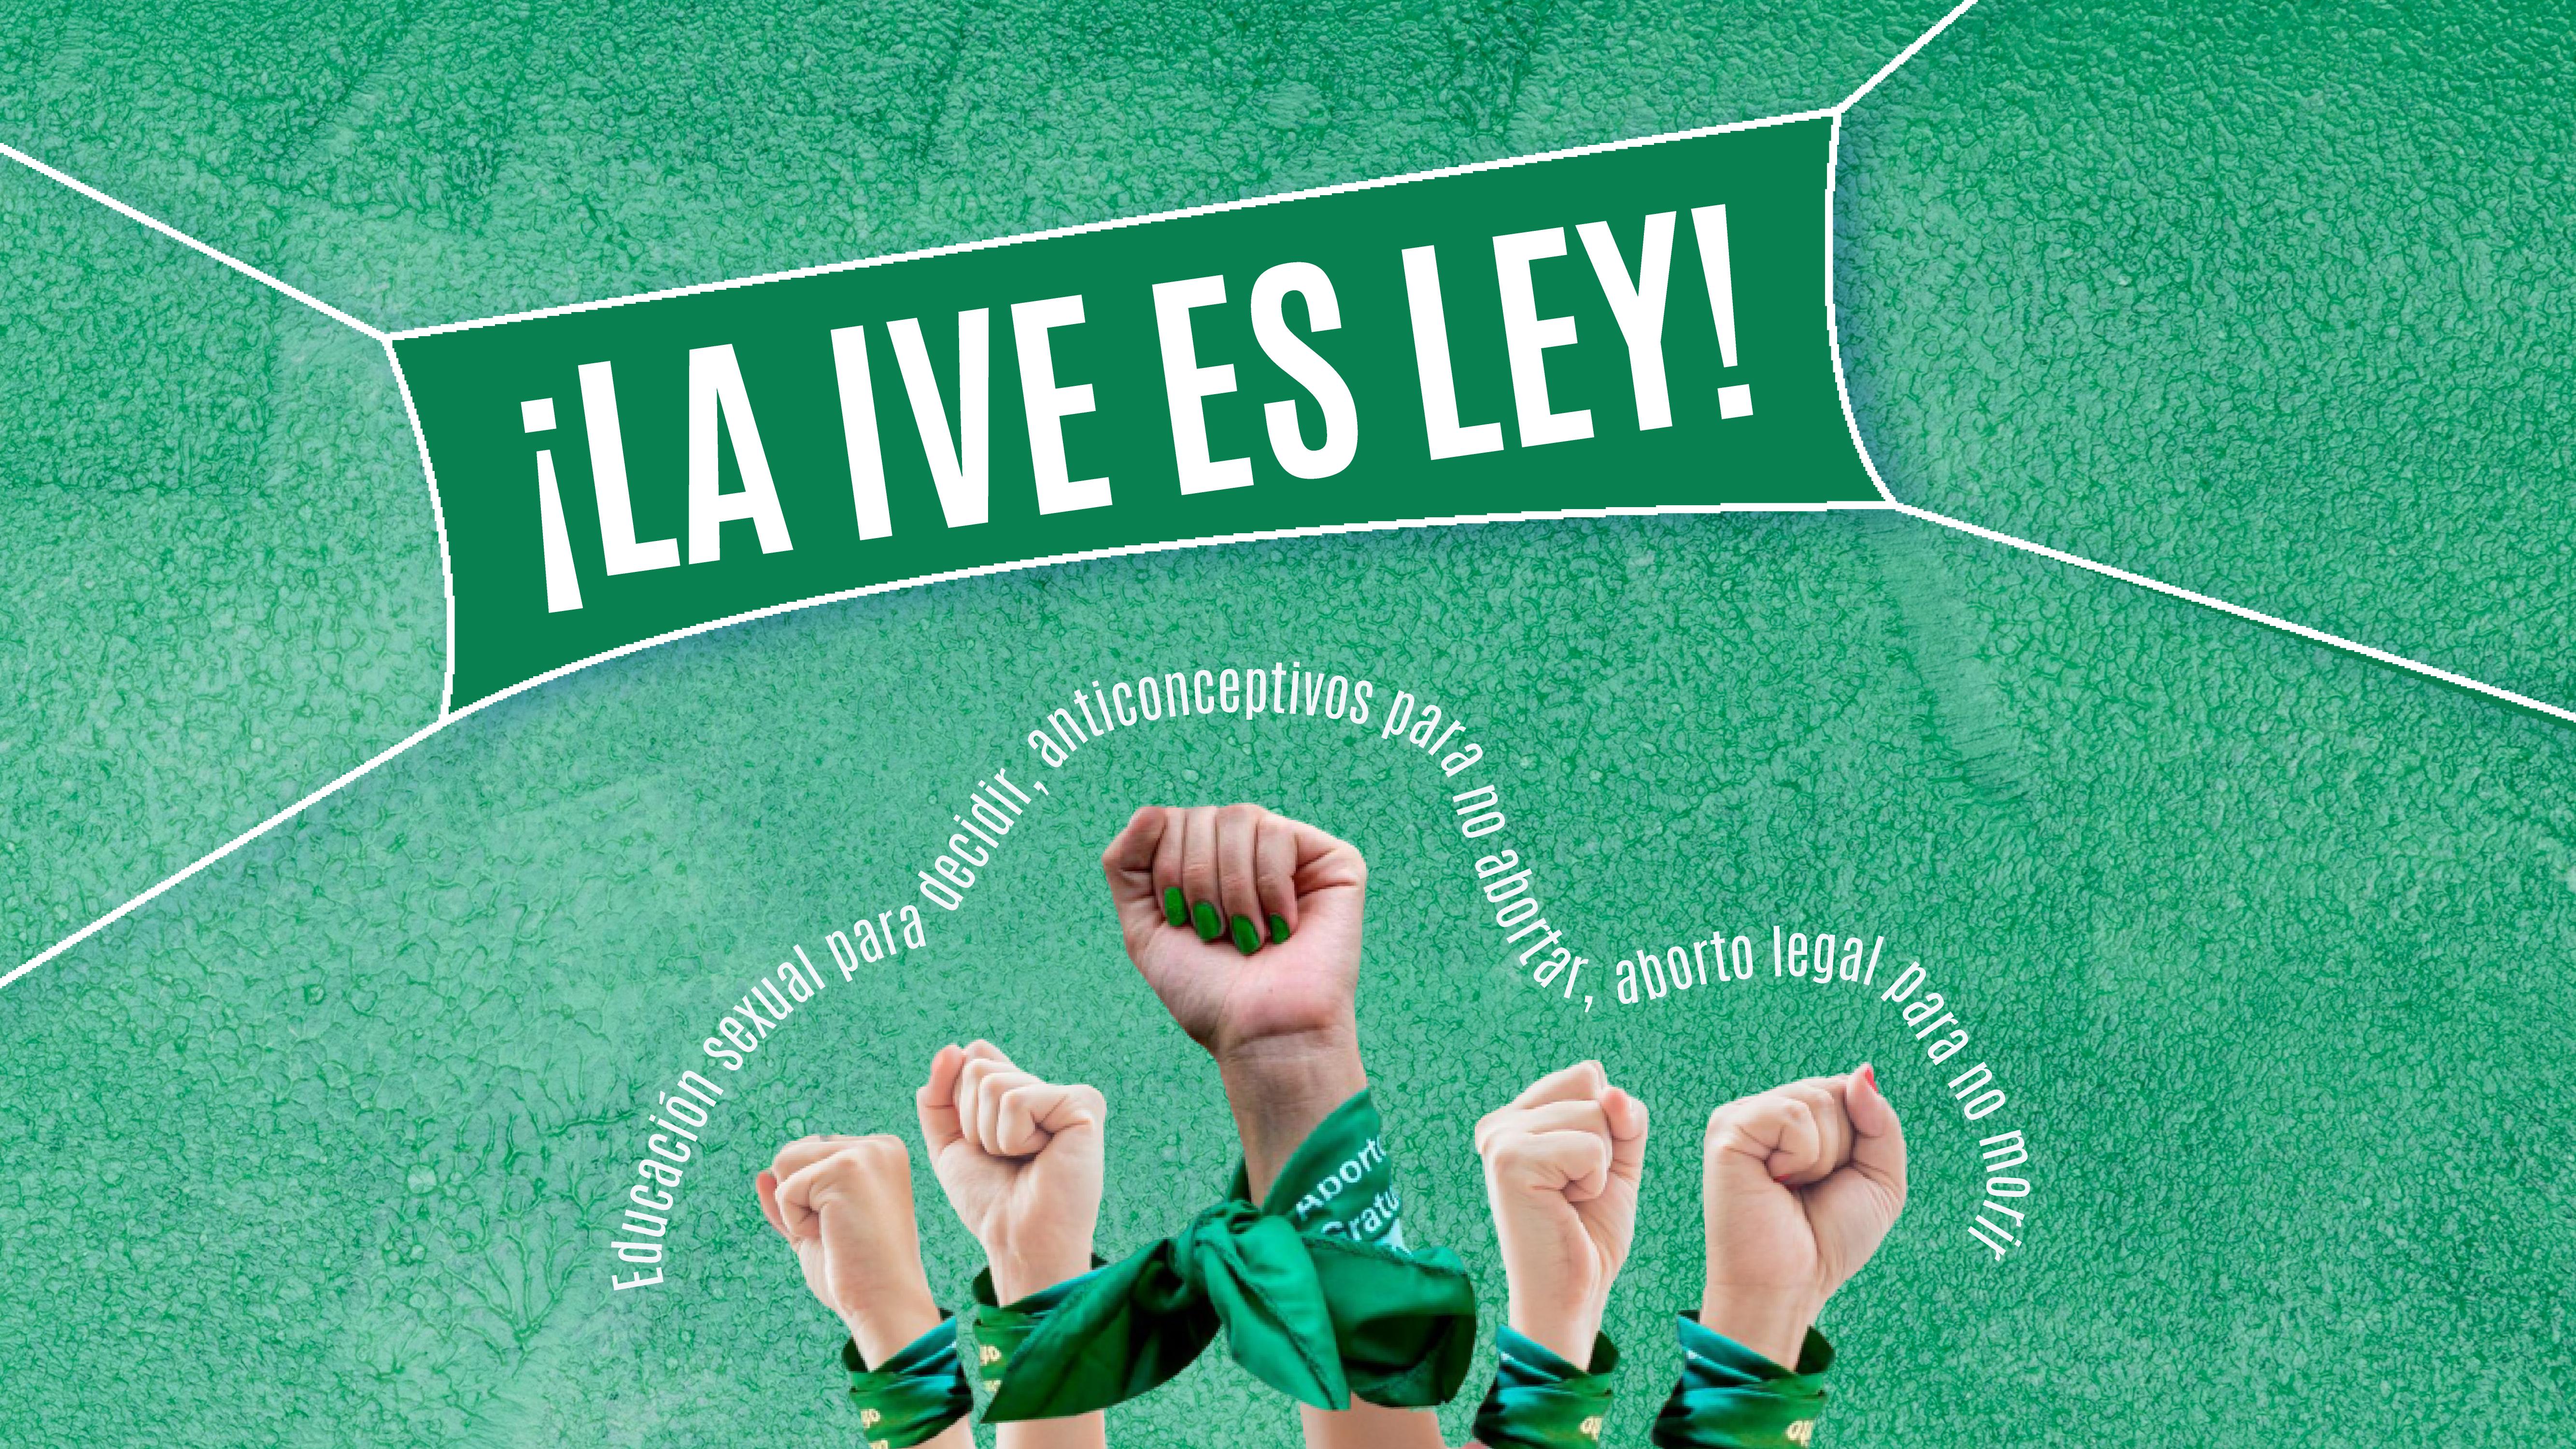 ¡LA IVE ES LEY!